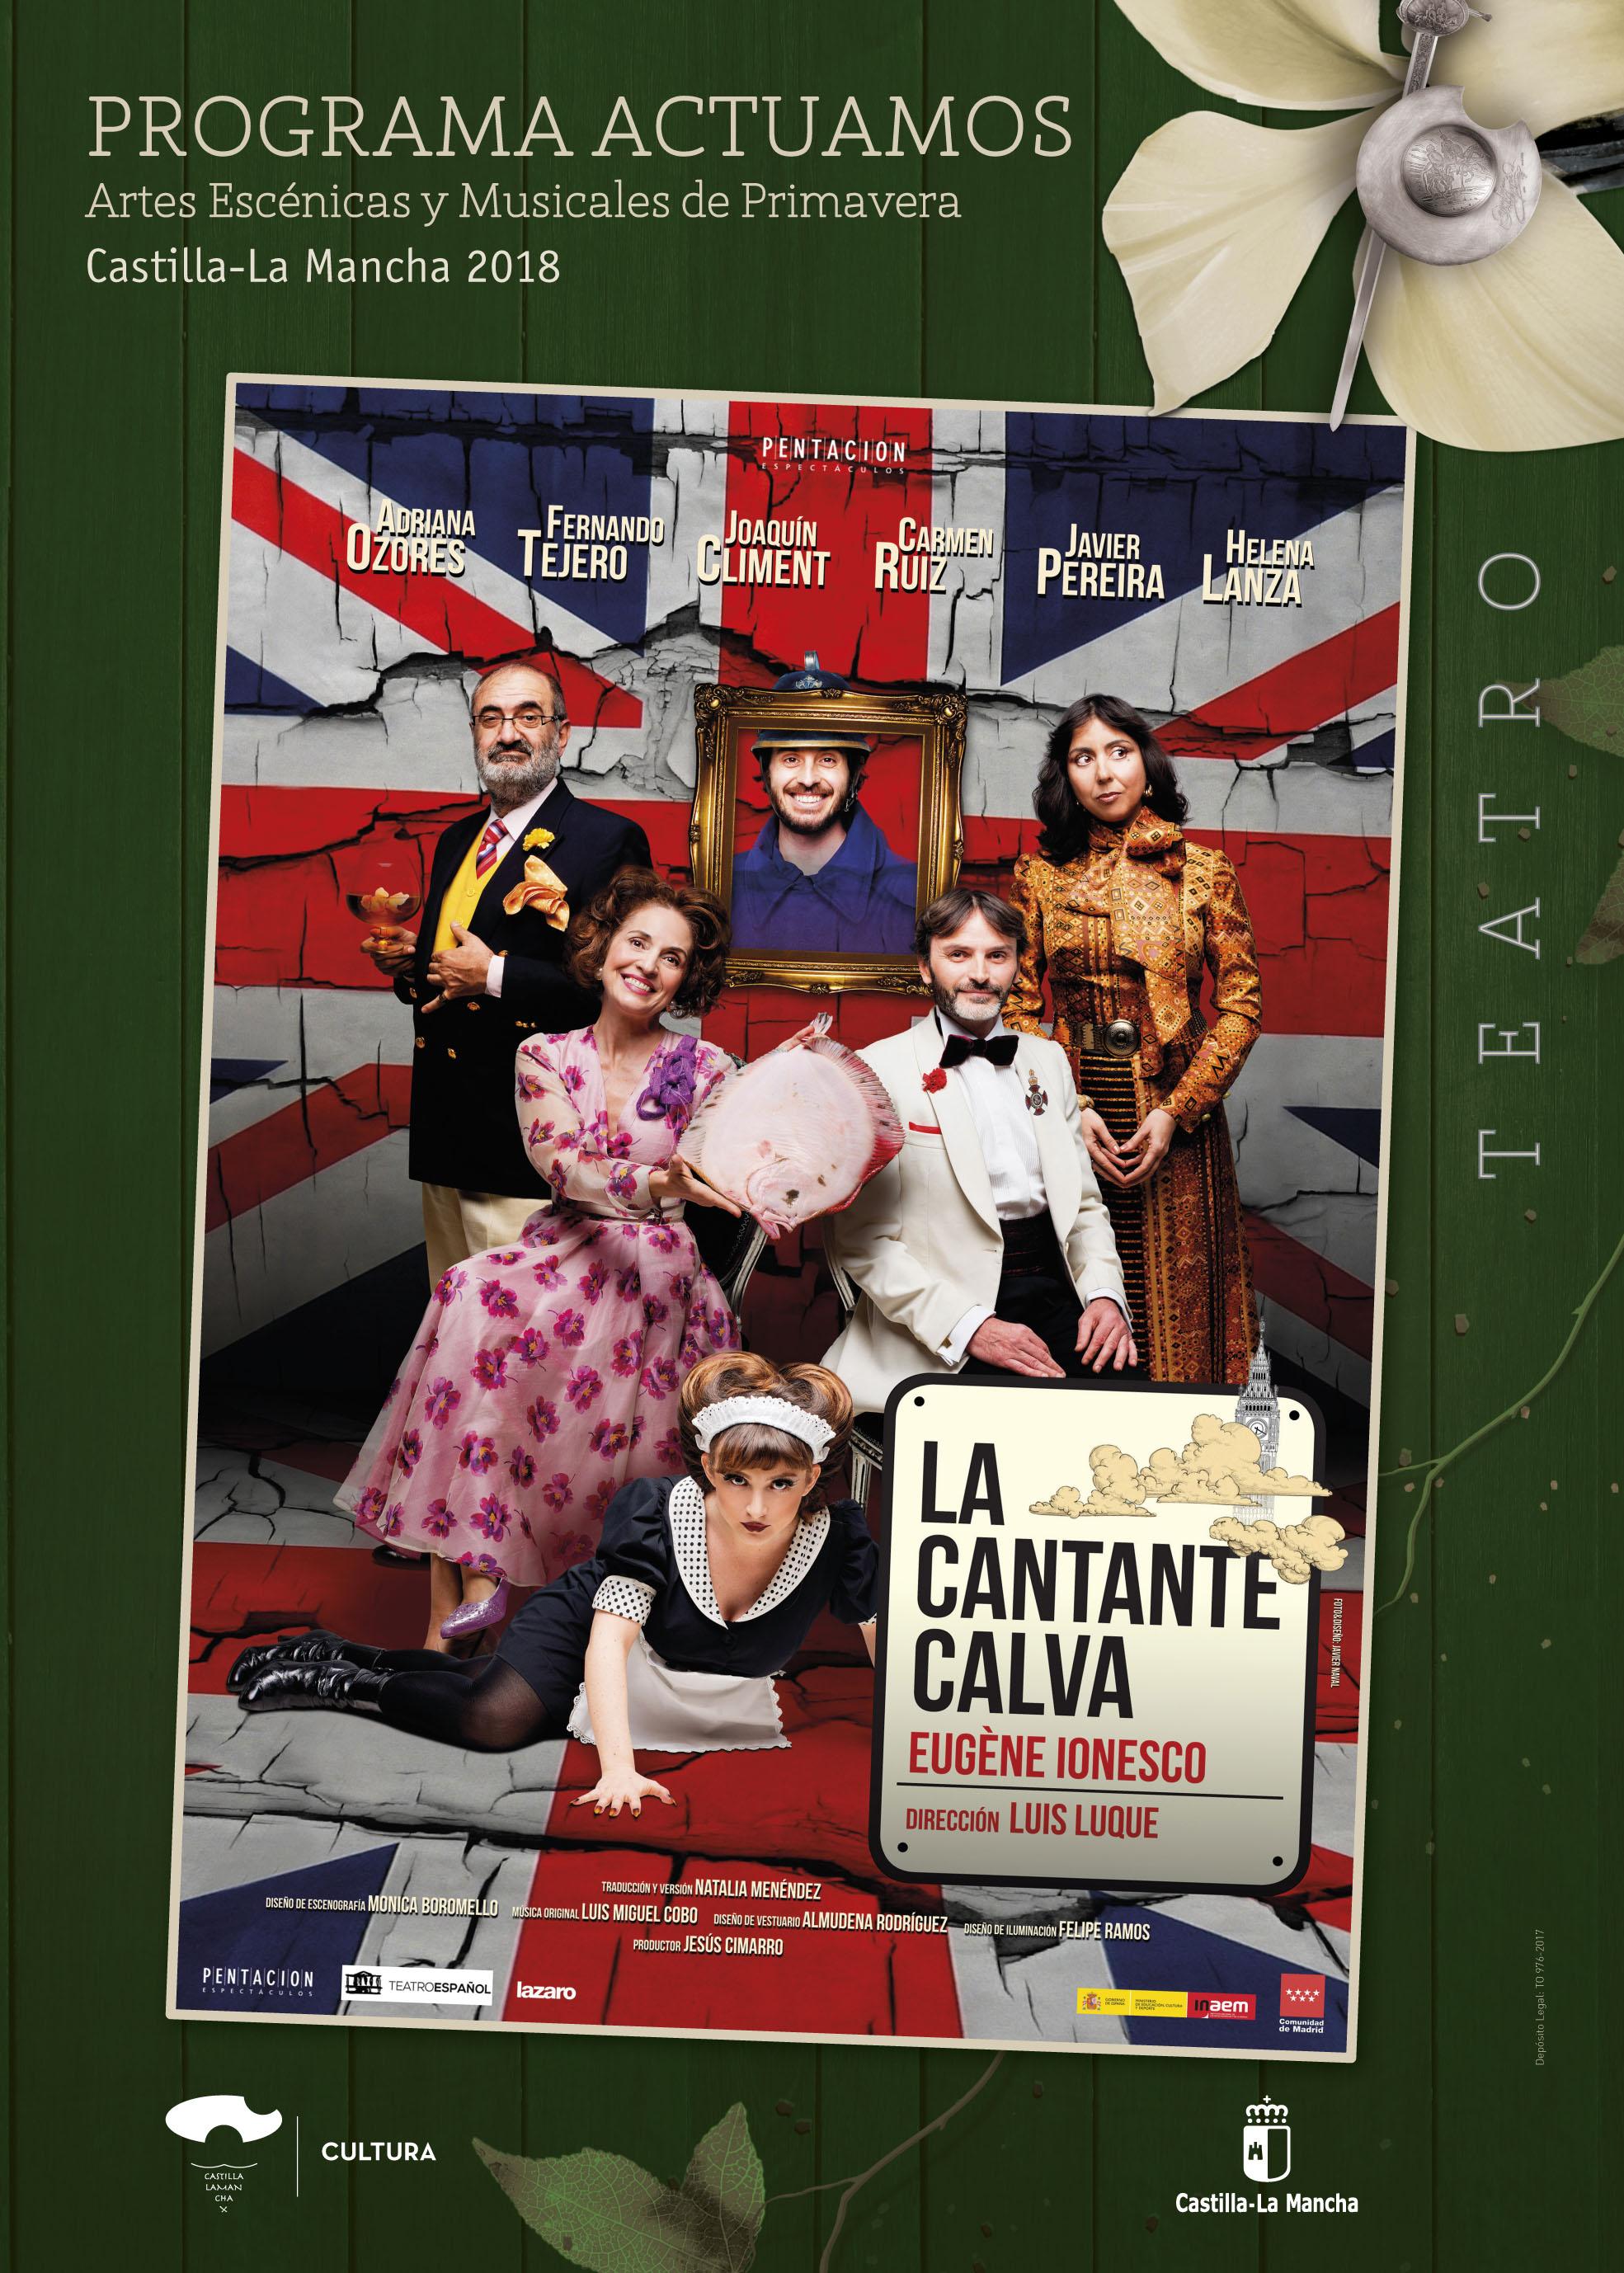 Imagen de la actividad LA CANTANTE CALVA (Lázaro Producciones)